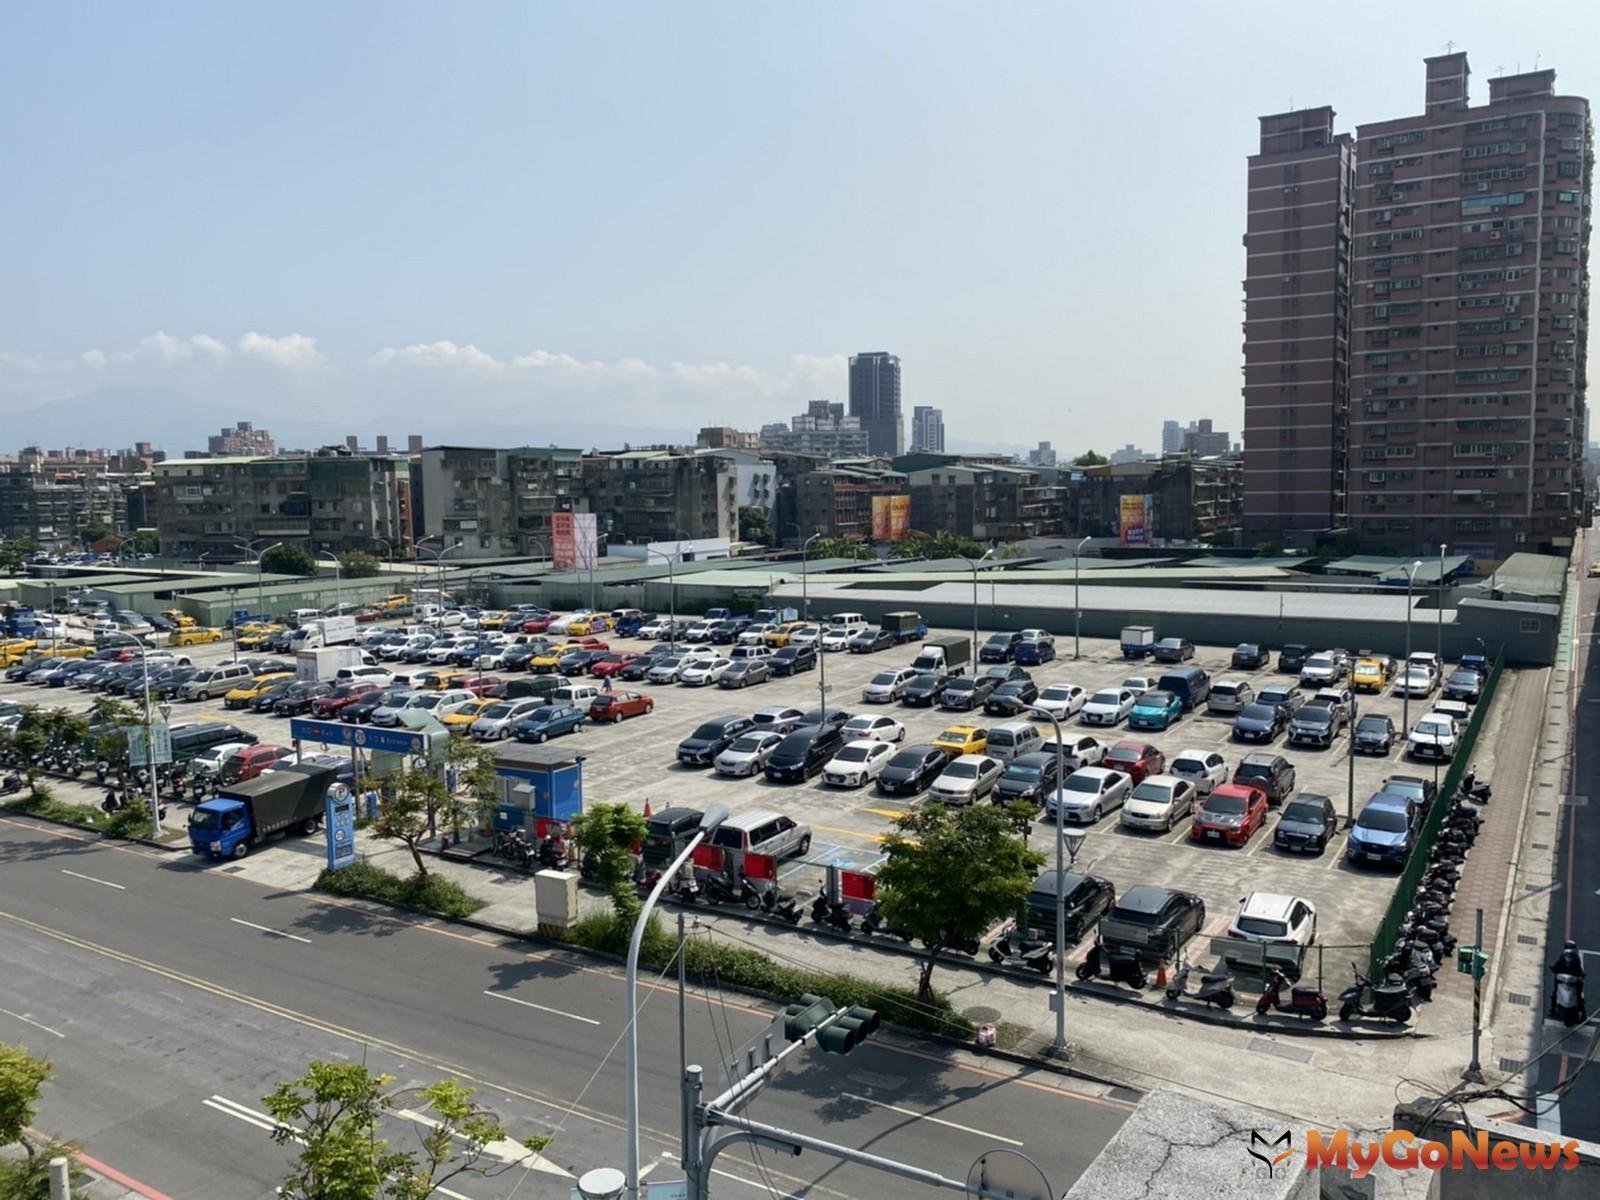 二重疏洪道東側標號970的精華地,由國泰建設擊退各大建商,以33.9億購得。(台灣房屋集團趨勢中心提供) MyGoNews房地產新聞 市場快訊